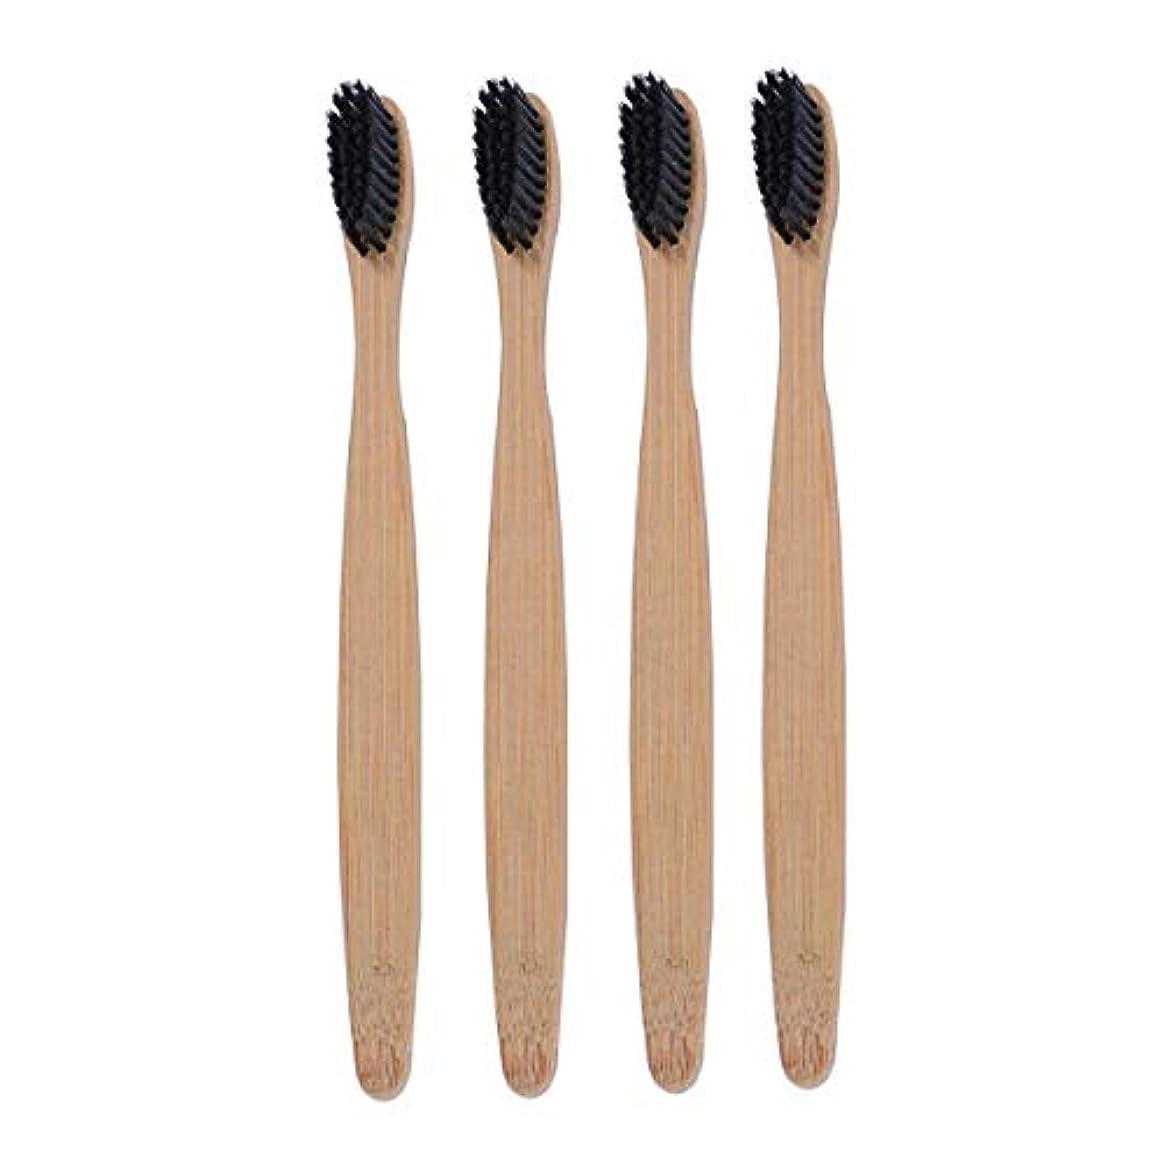 同級生変わる名前でHEALIFTY 4pcs環境にやさしい生分解性木製歯ブラシ竹炭歯ブラシ低炭素エコウッディネス歯ブラシ使い捨て歯ブラシ(黒)